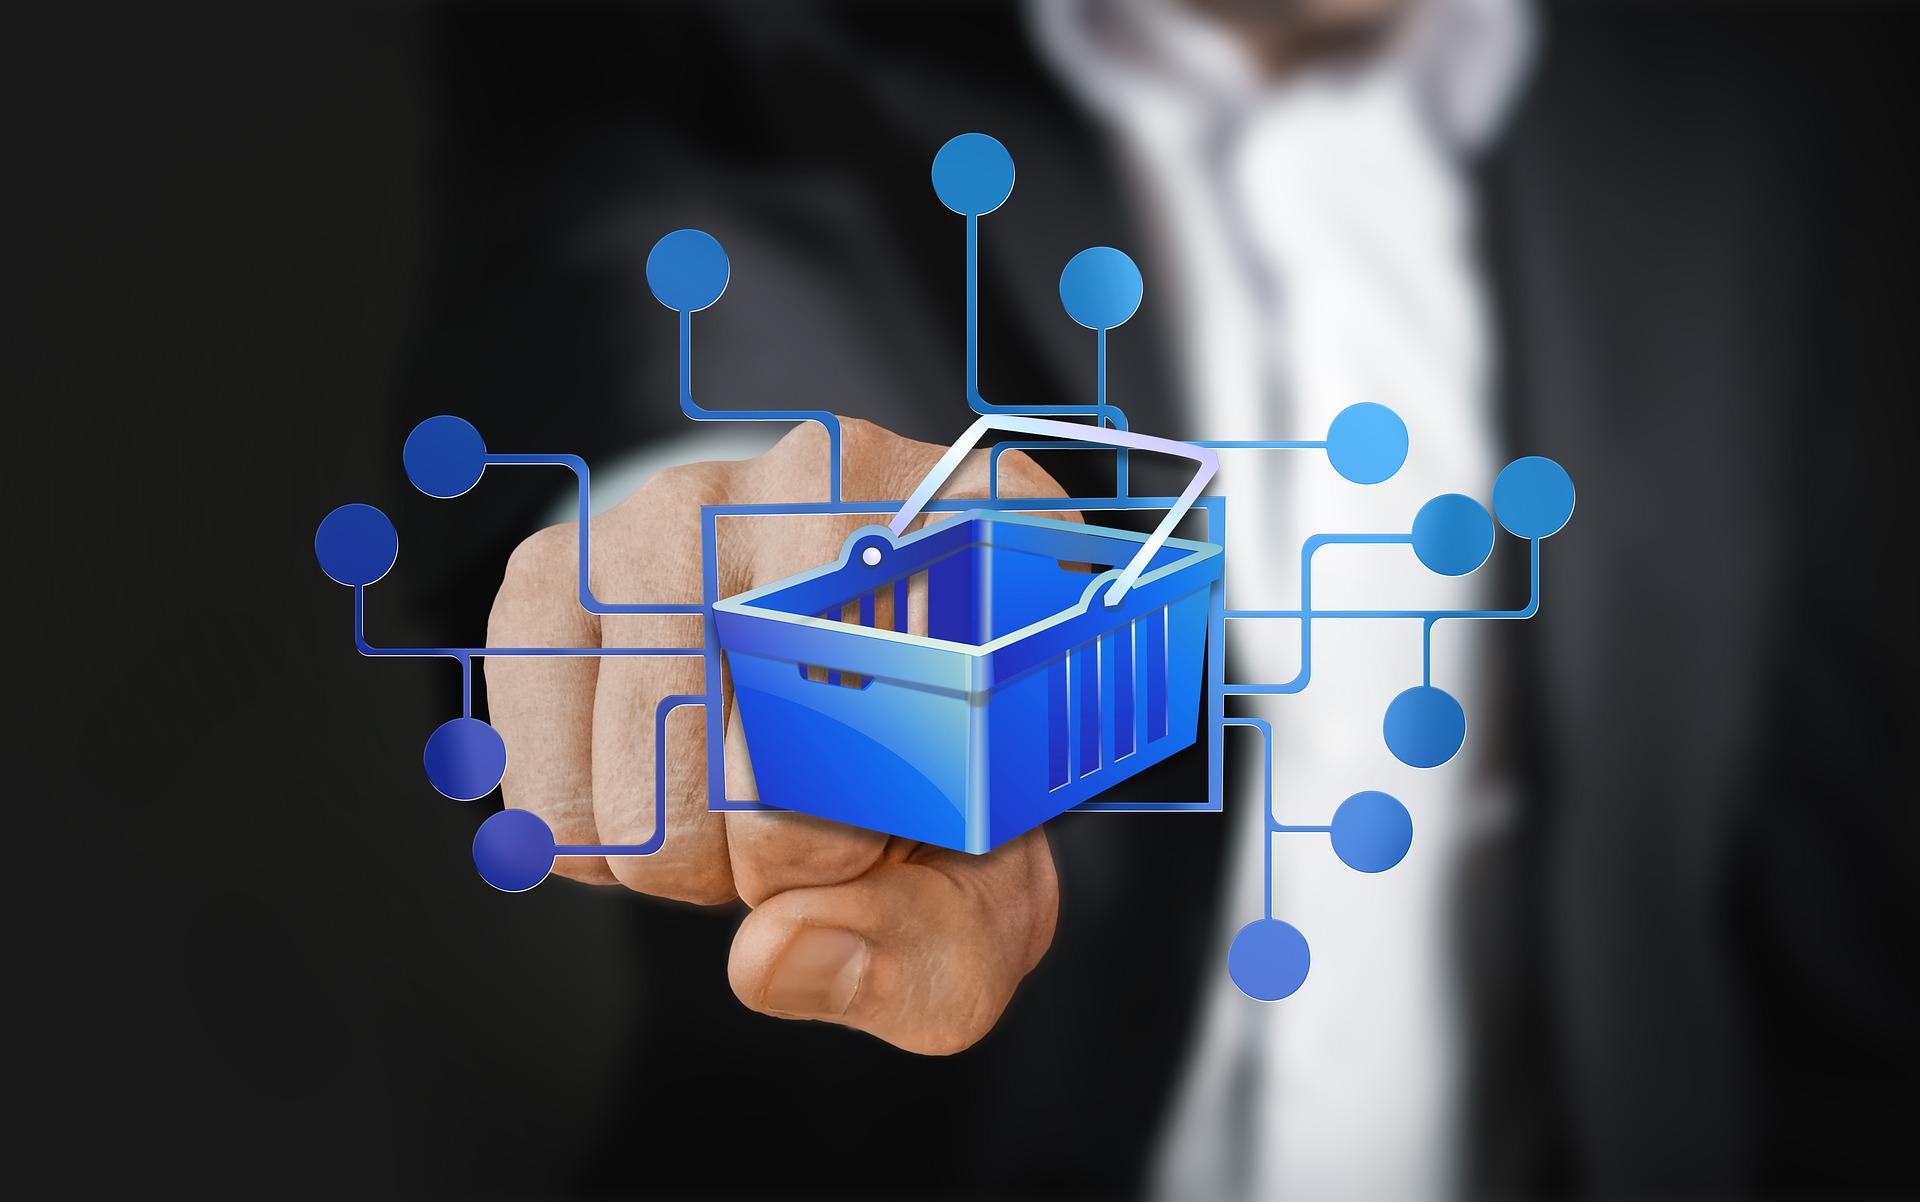 Quand et comment relancer les fournisseurs?